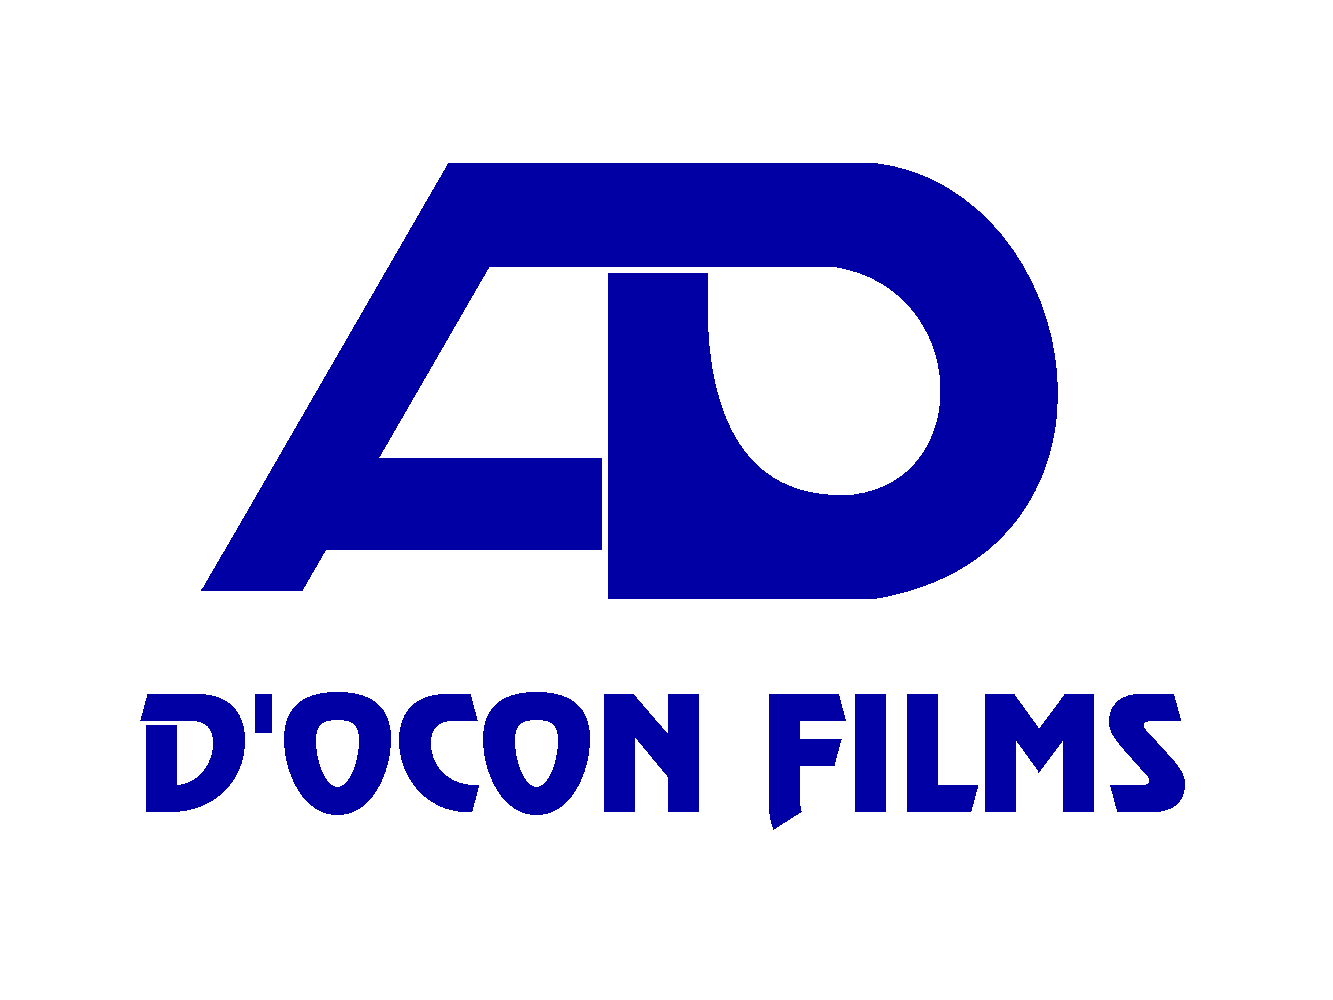 D'Ocon Films